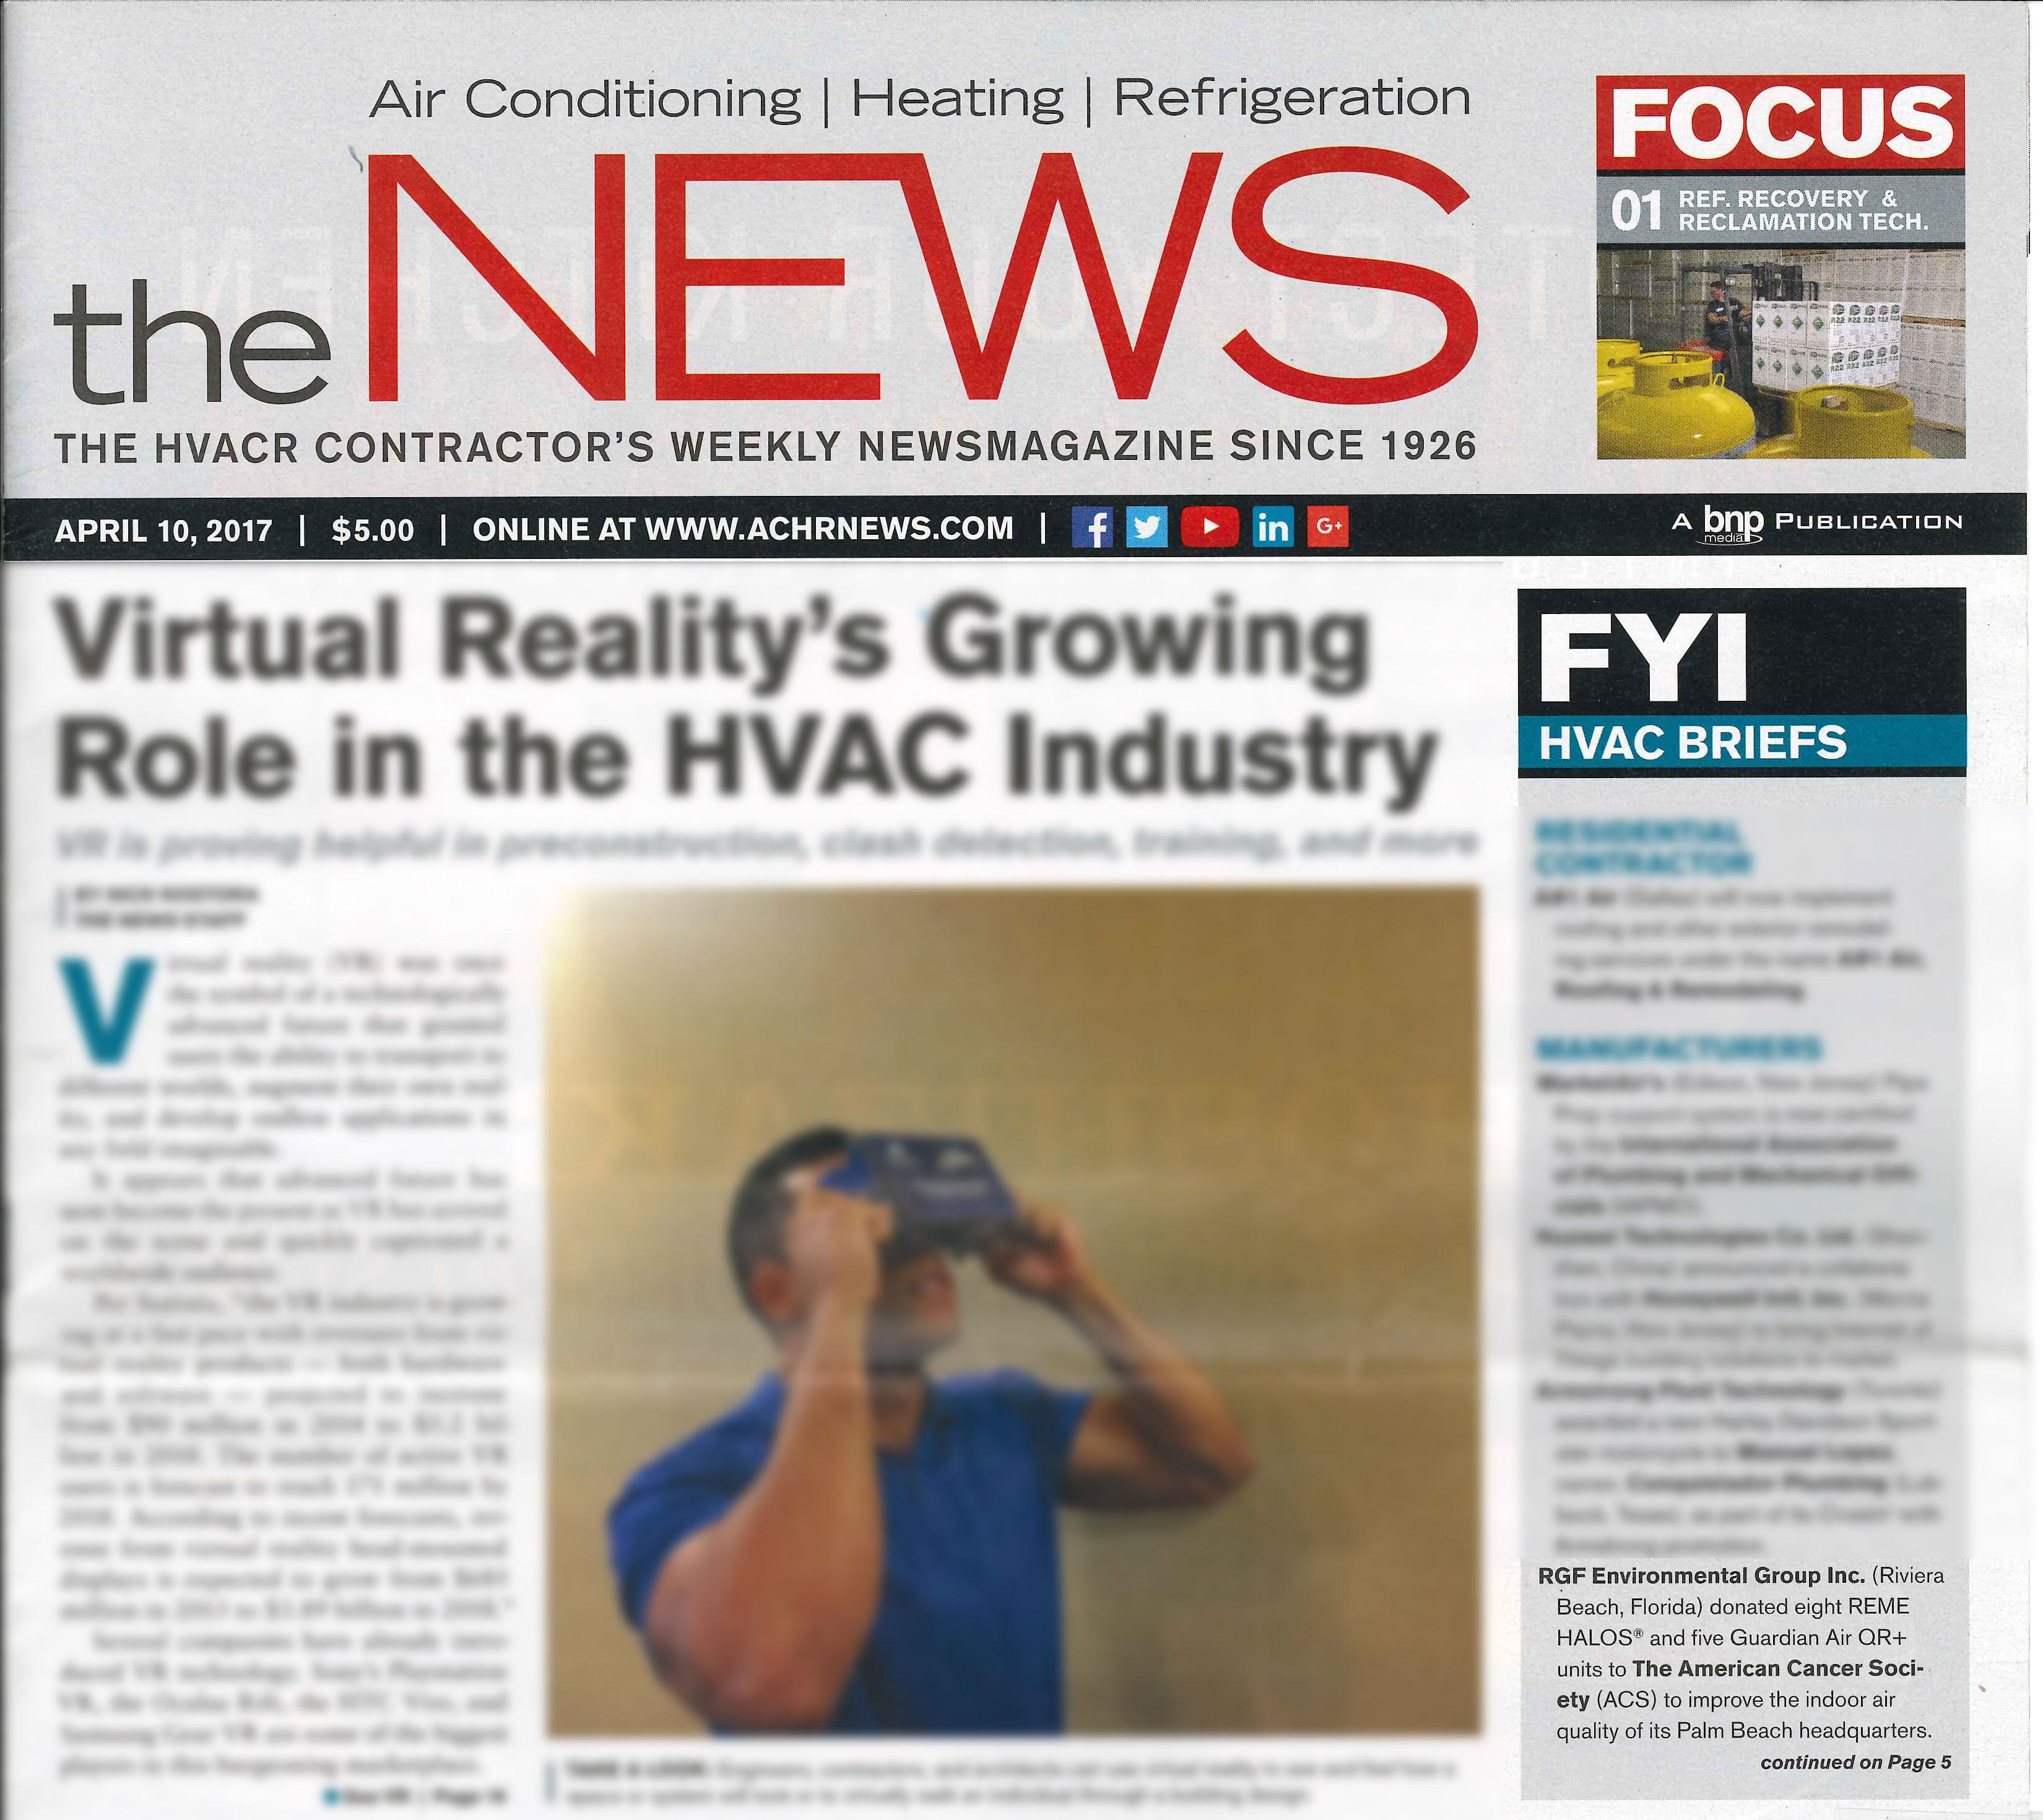 the NEWS, April 2017 - HVAC BRIEFS